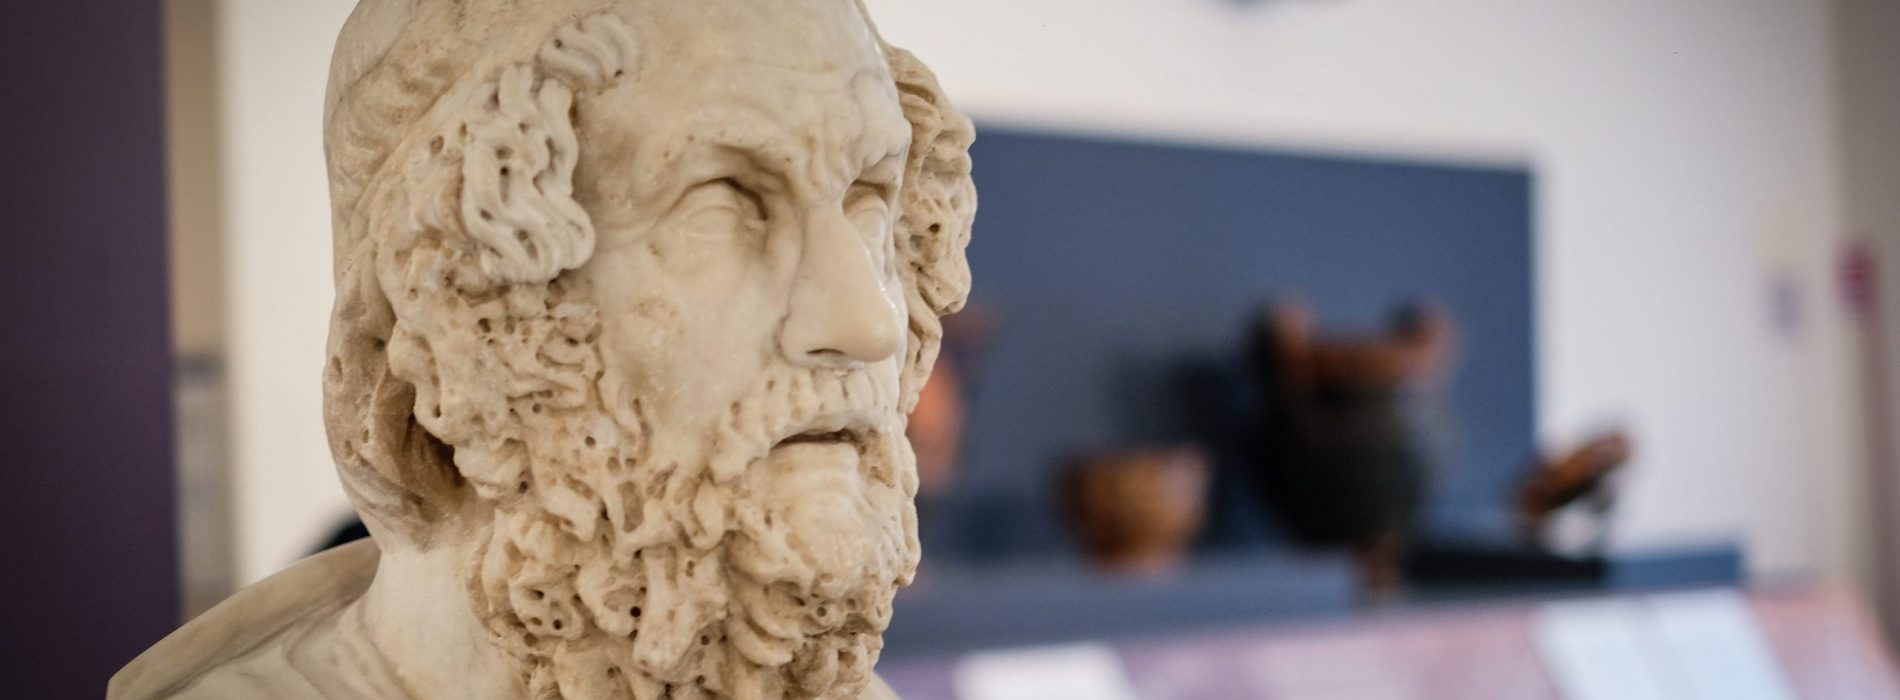 Mann. Mostra Omero, Iliade. Le opere nelle pagine di Baricco